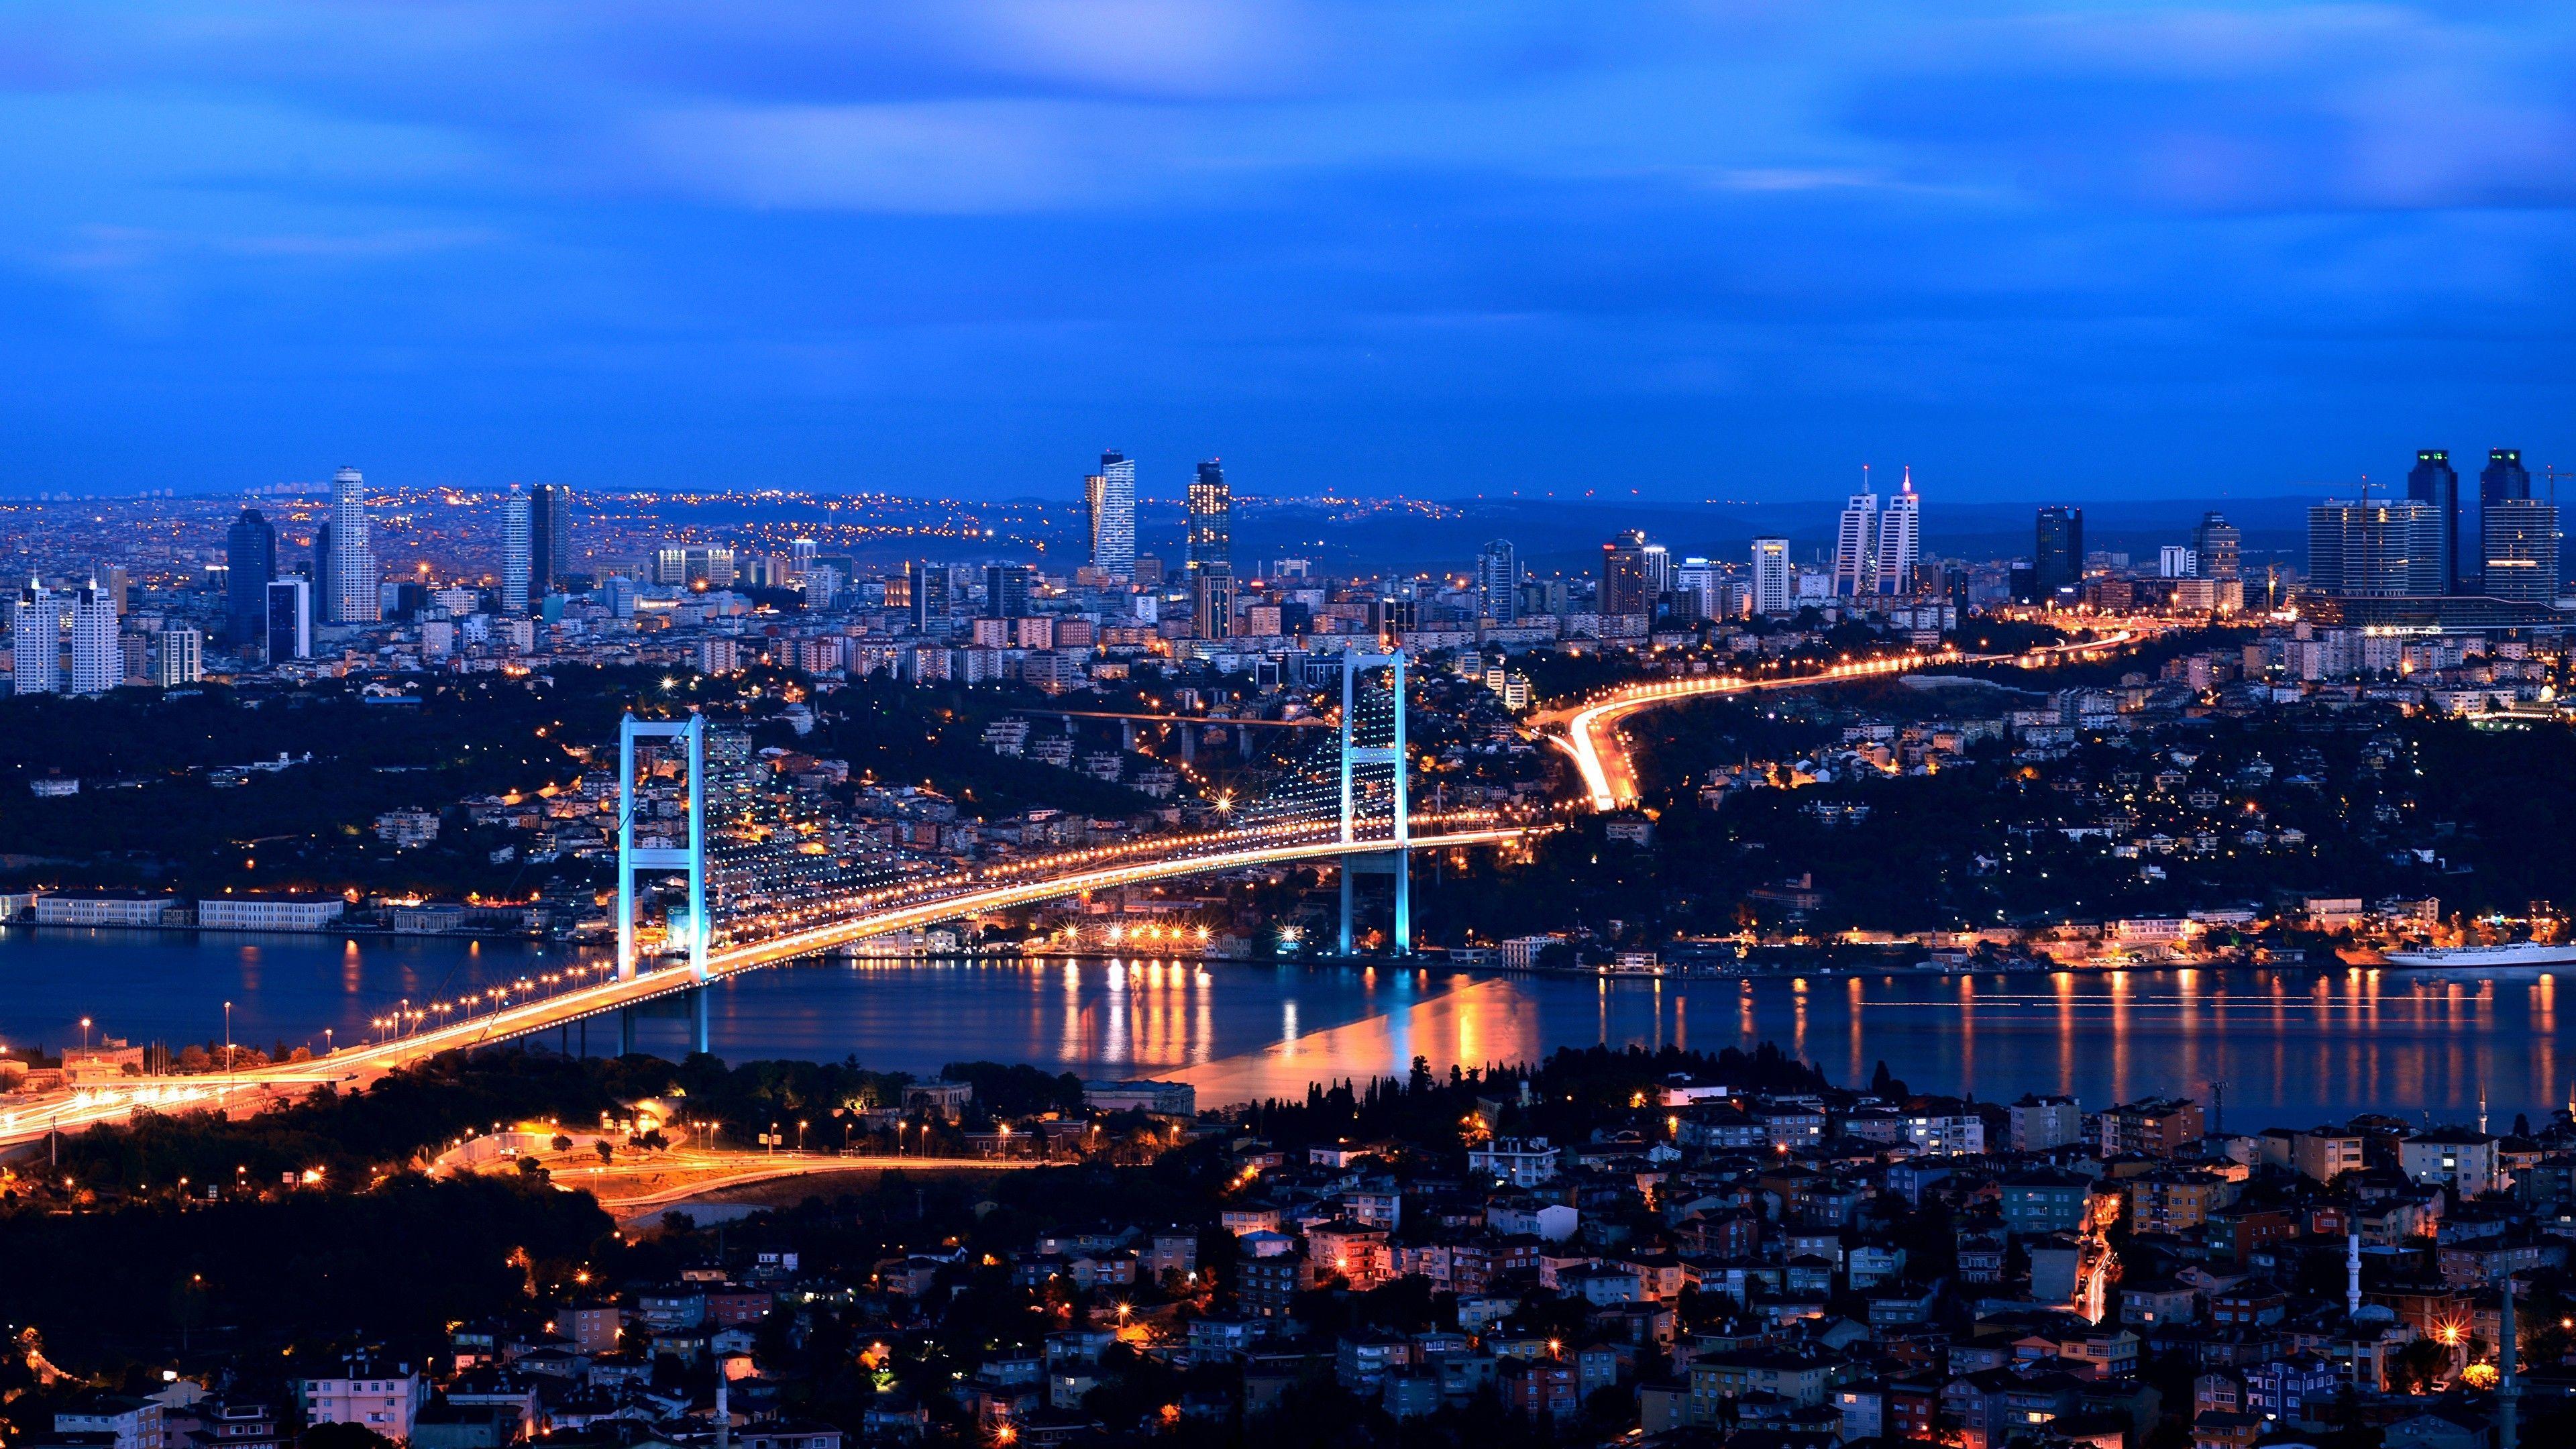 Turkey 4k Wallpapers Top Free Turkey 4k Backgrounds